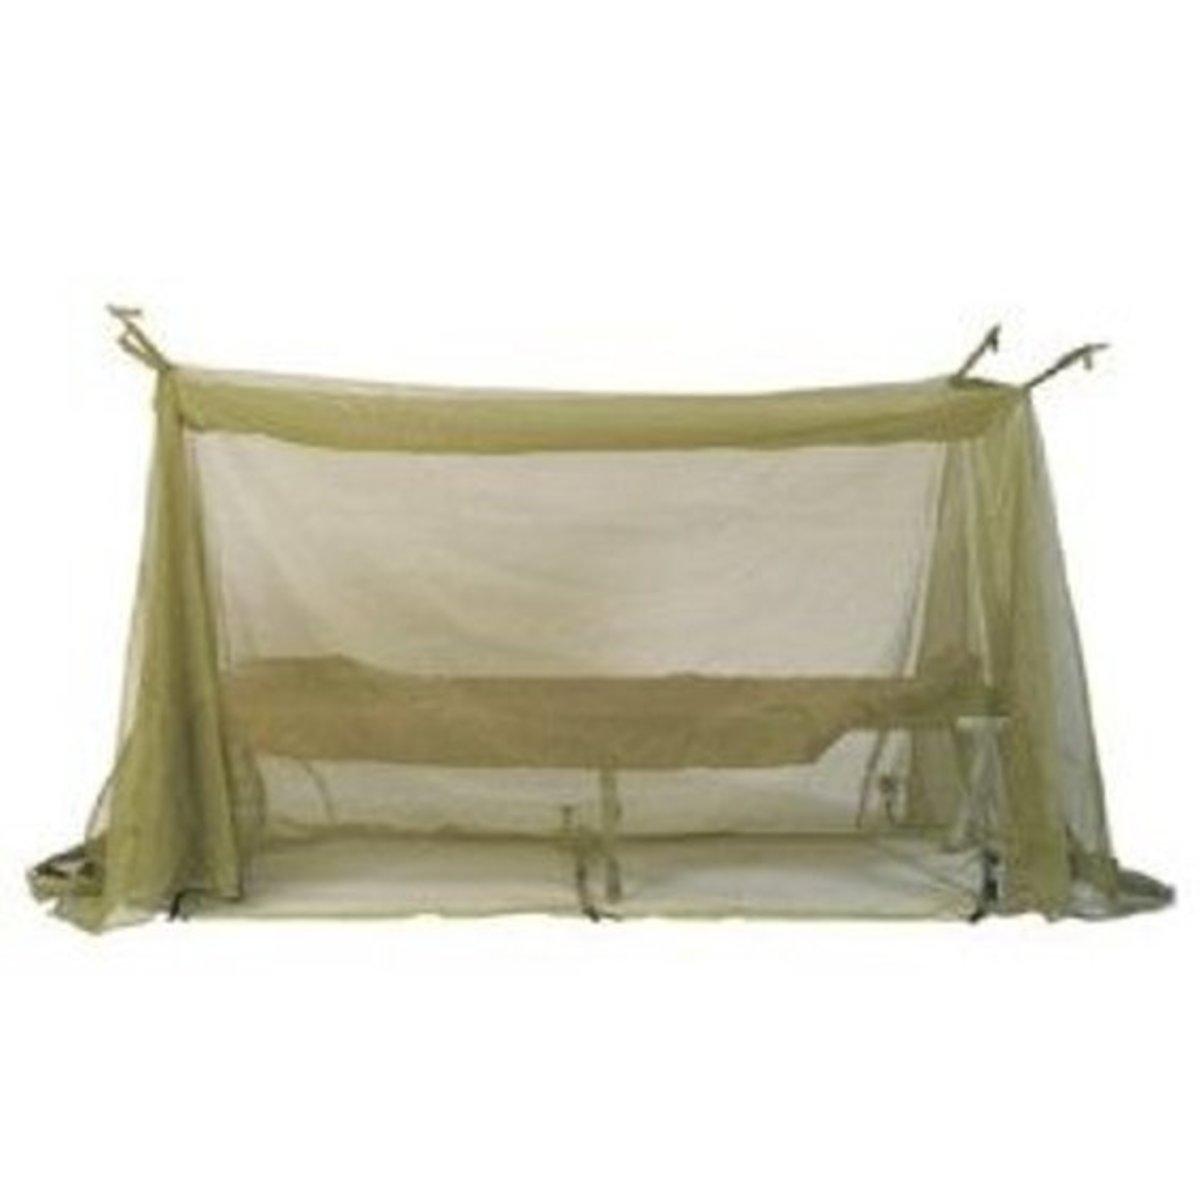 Skeeta Tent